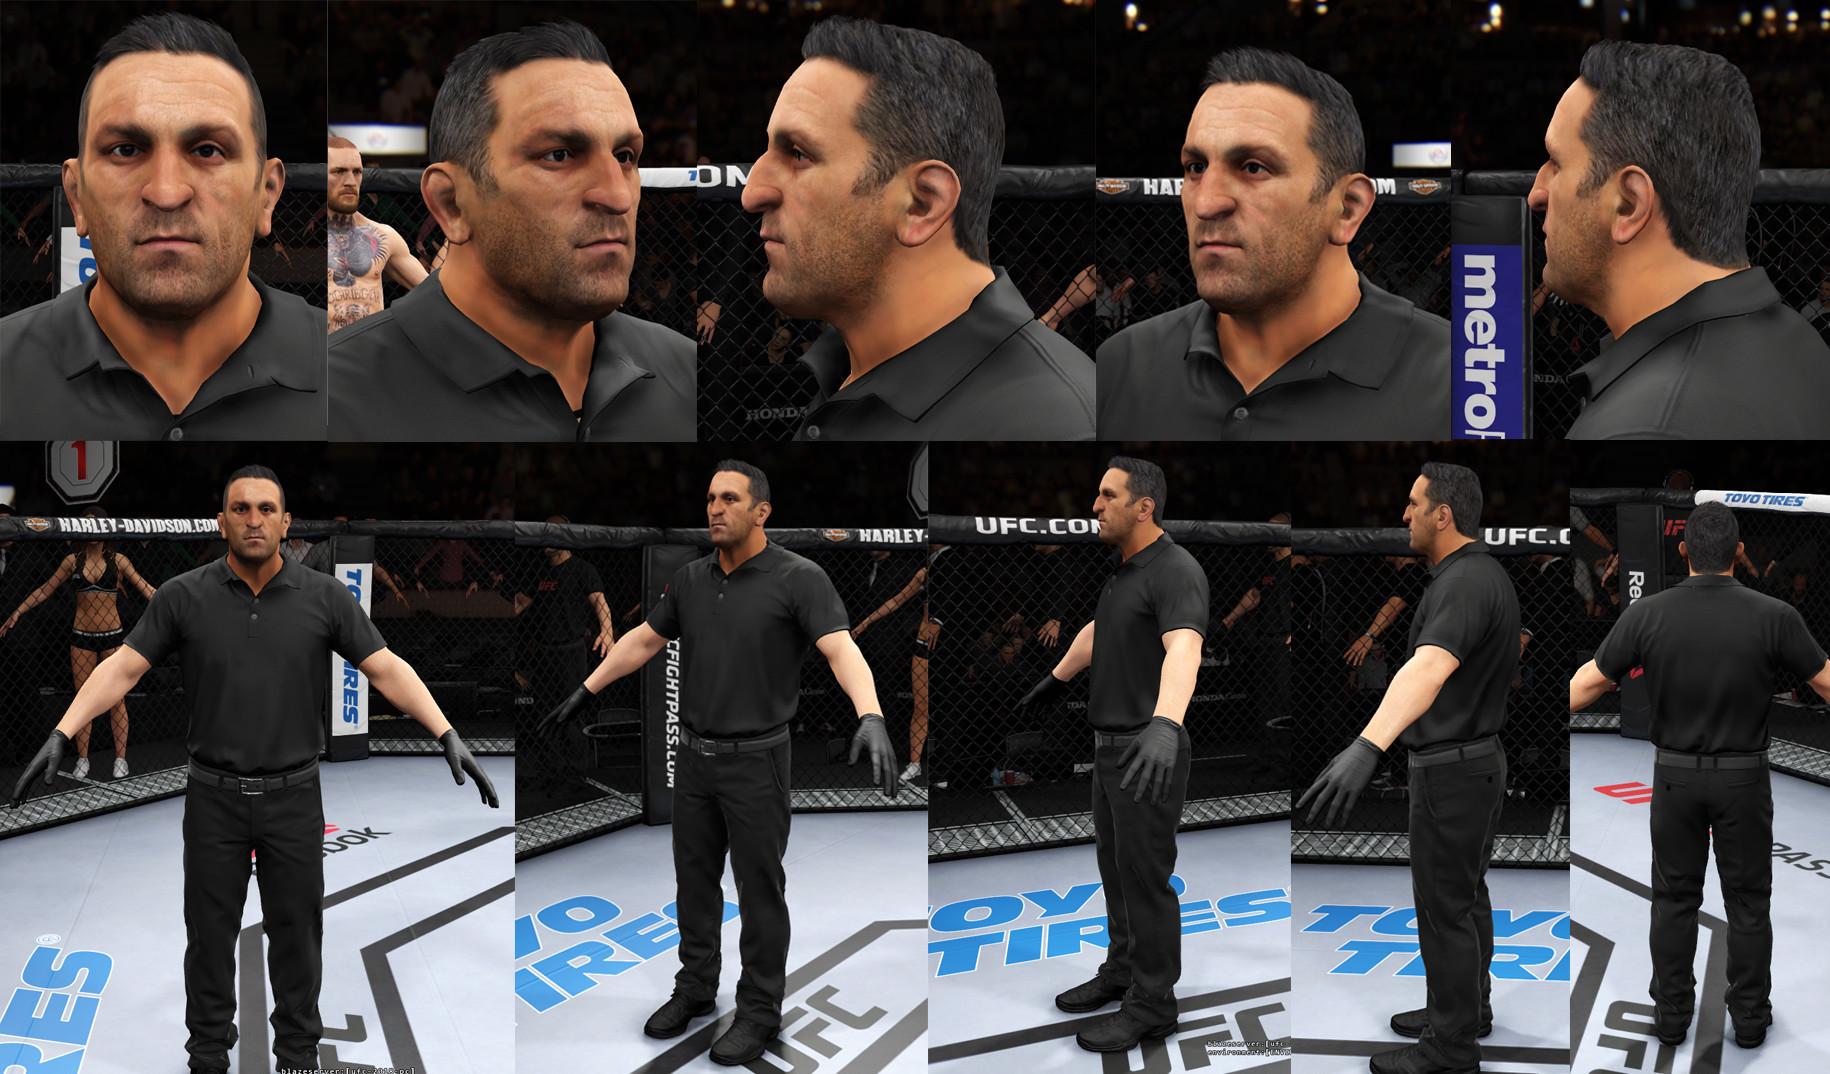 Fabricio rezende capture in game referee 02